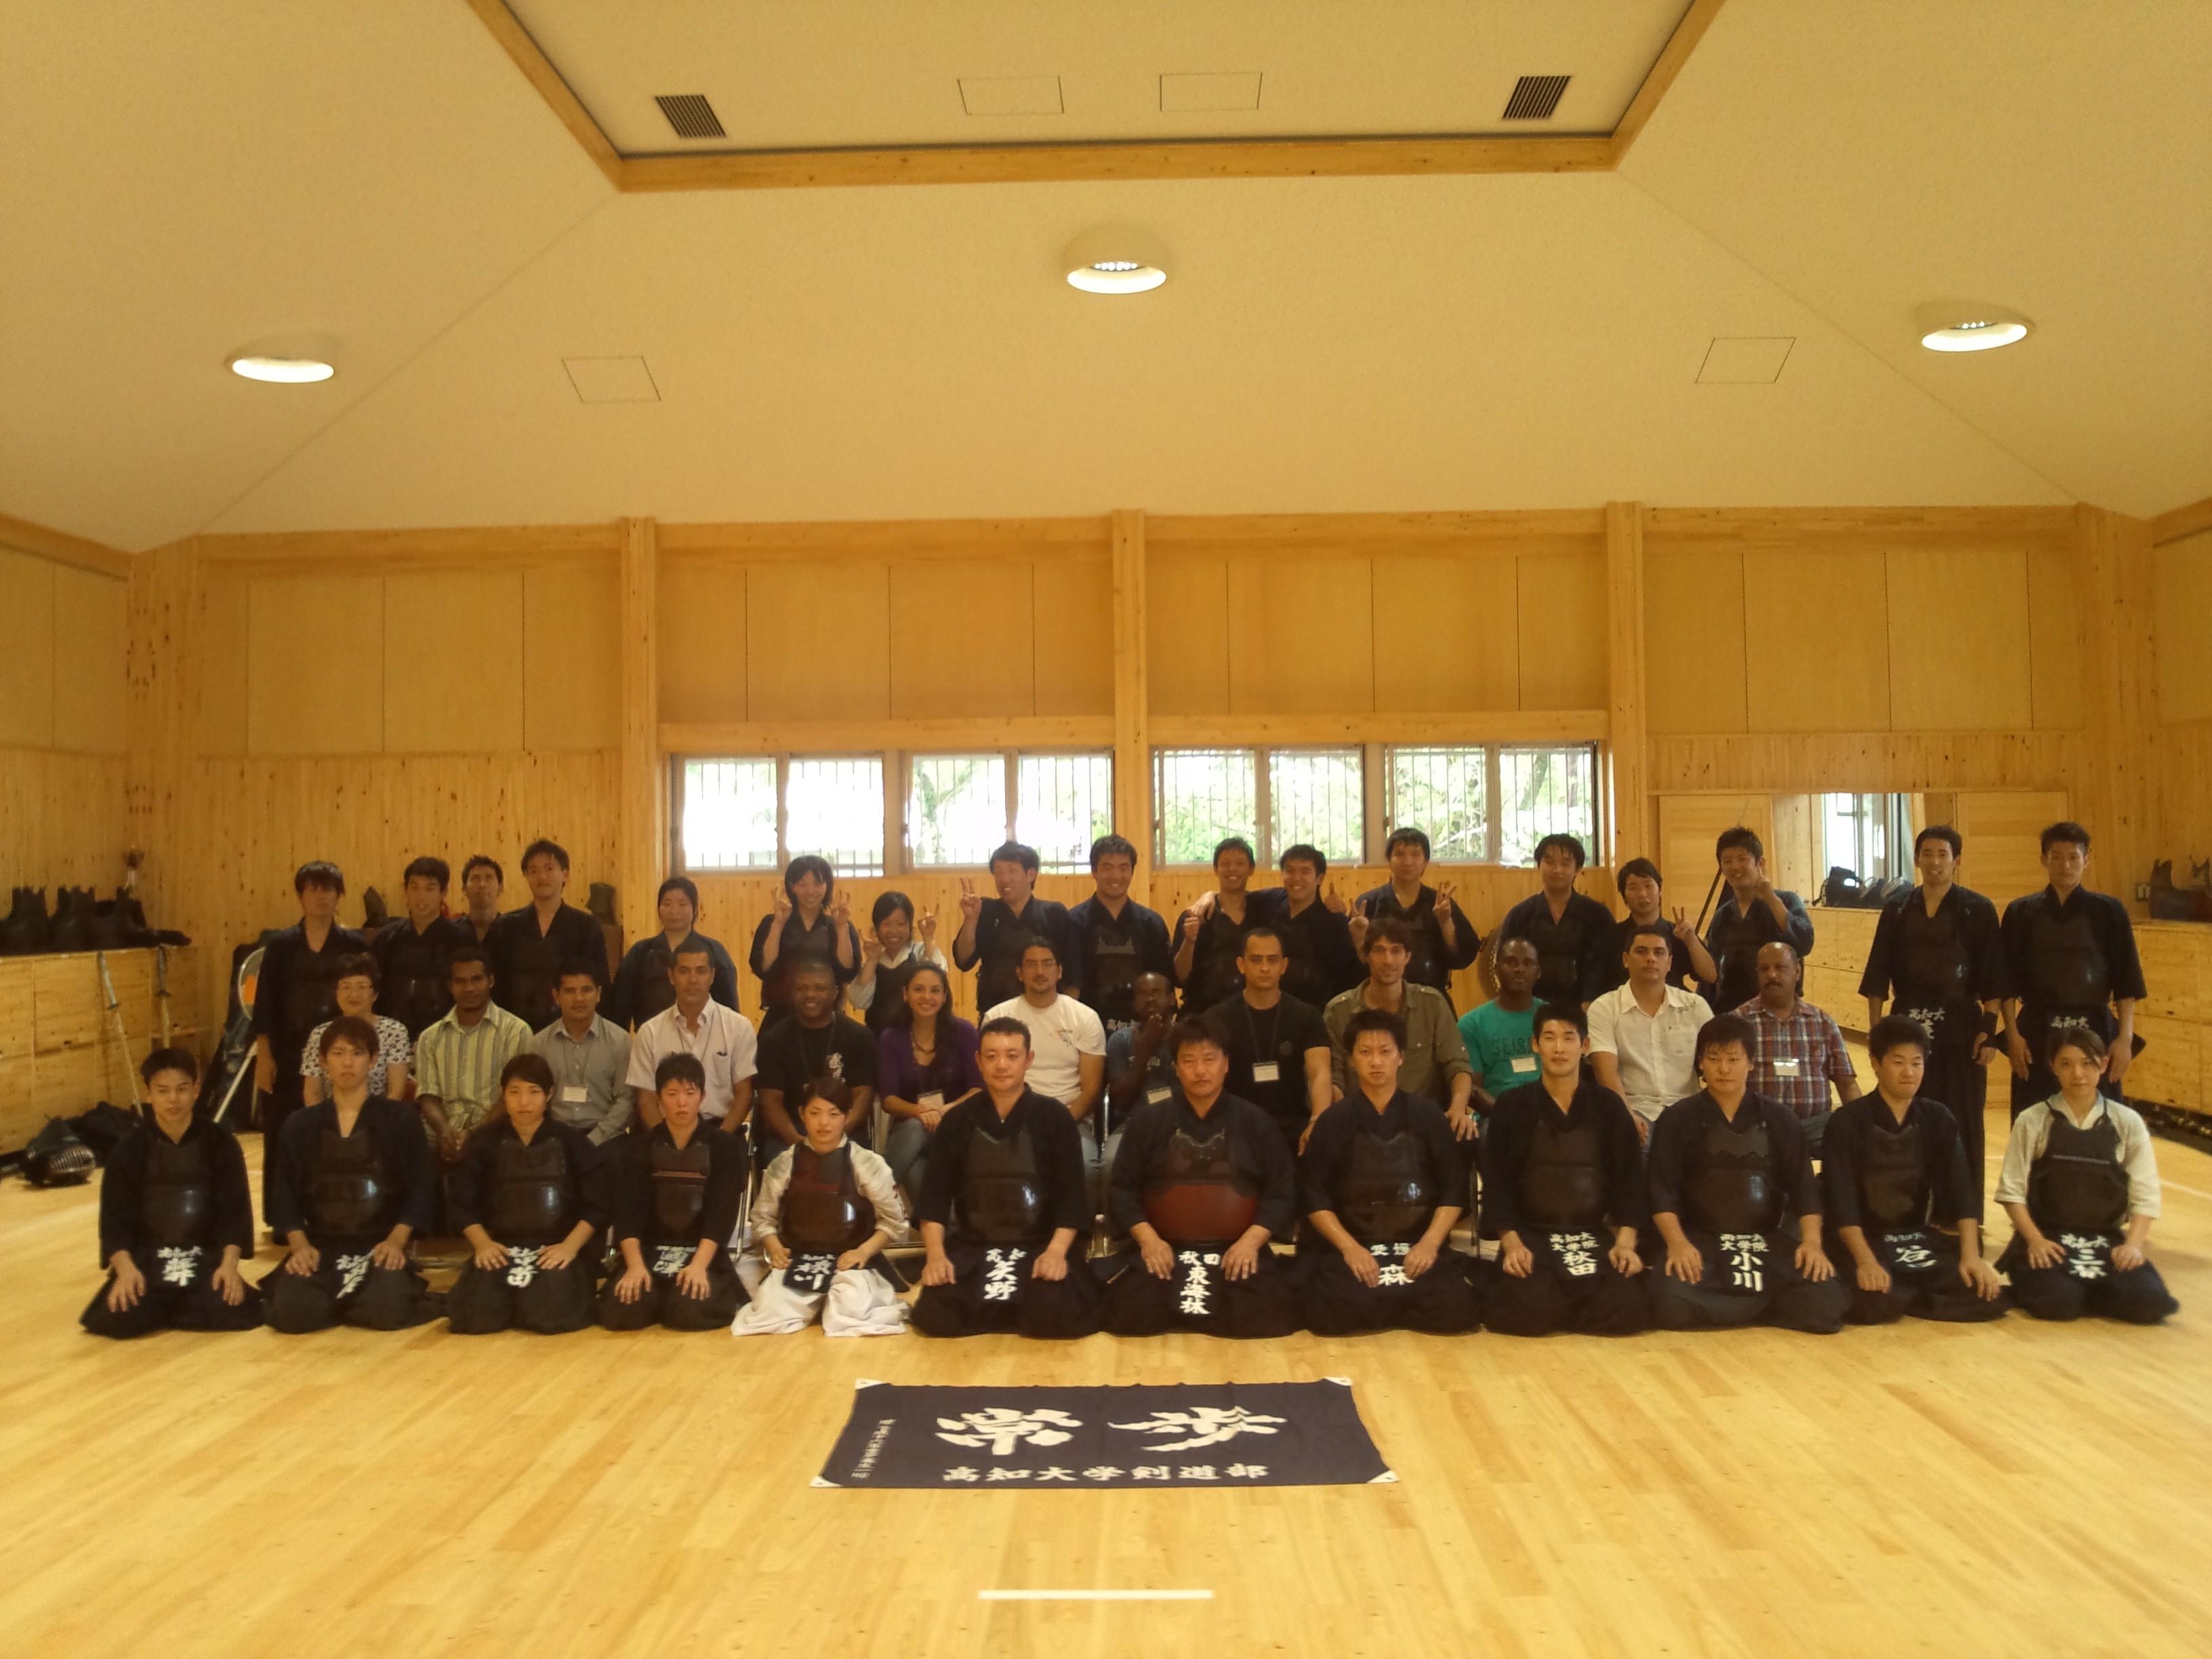 剣道部の早朝練習を見学